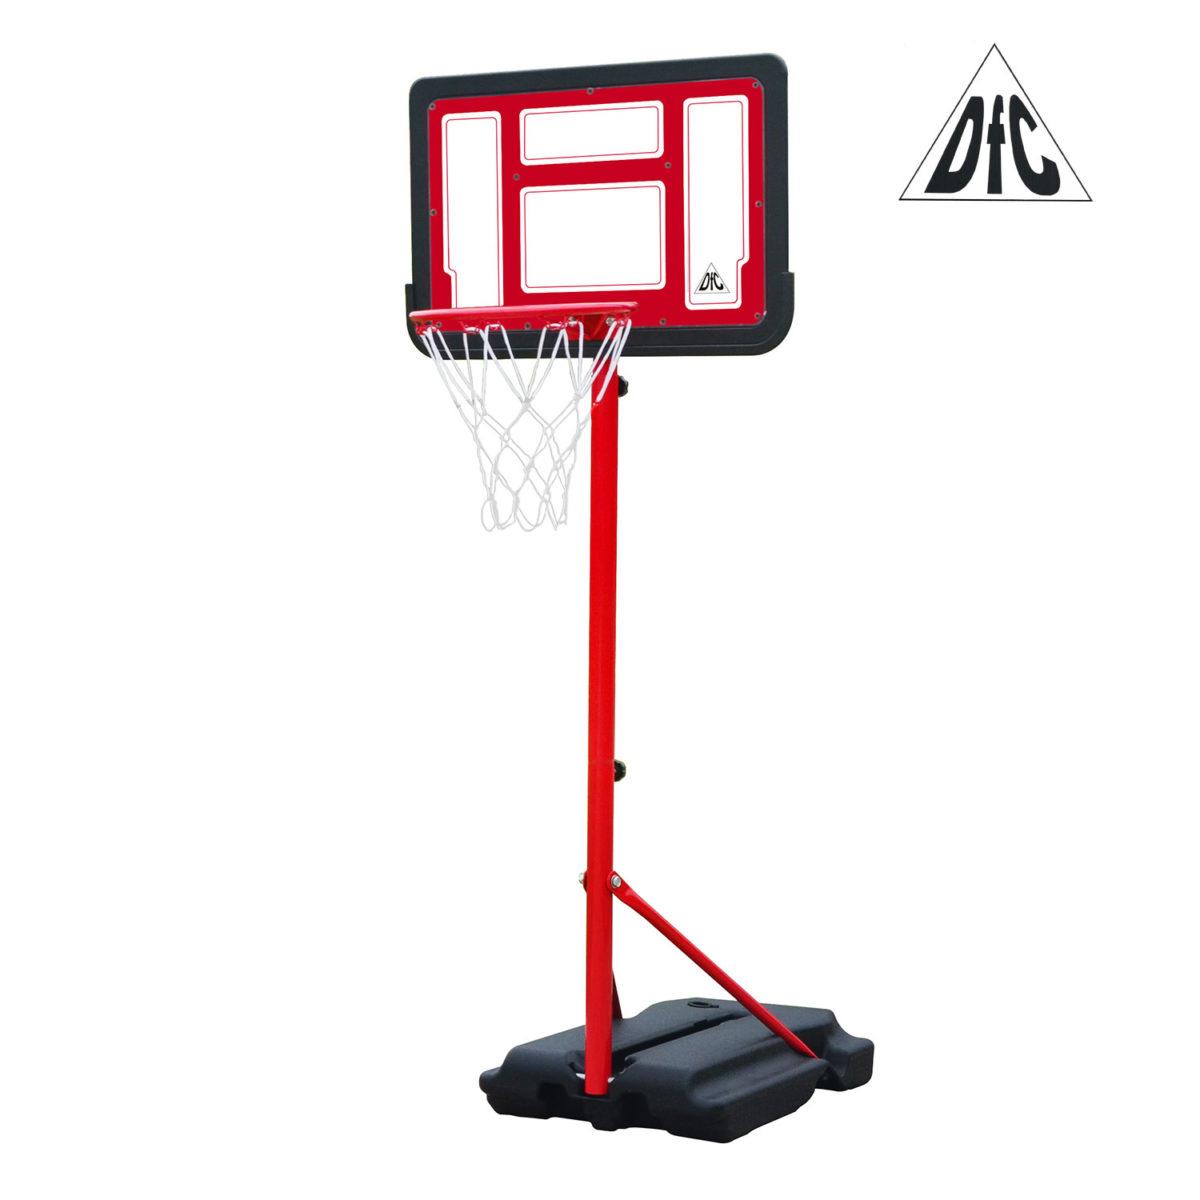 DFC мобильная баскетбольная стойка  KIDSB2 - 1